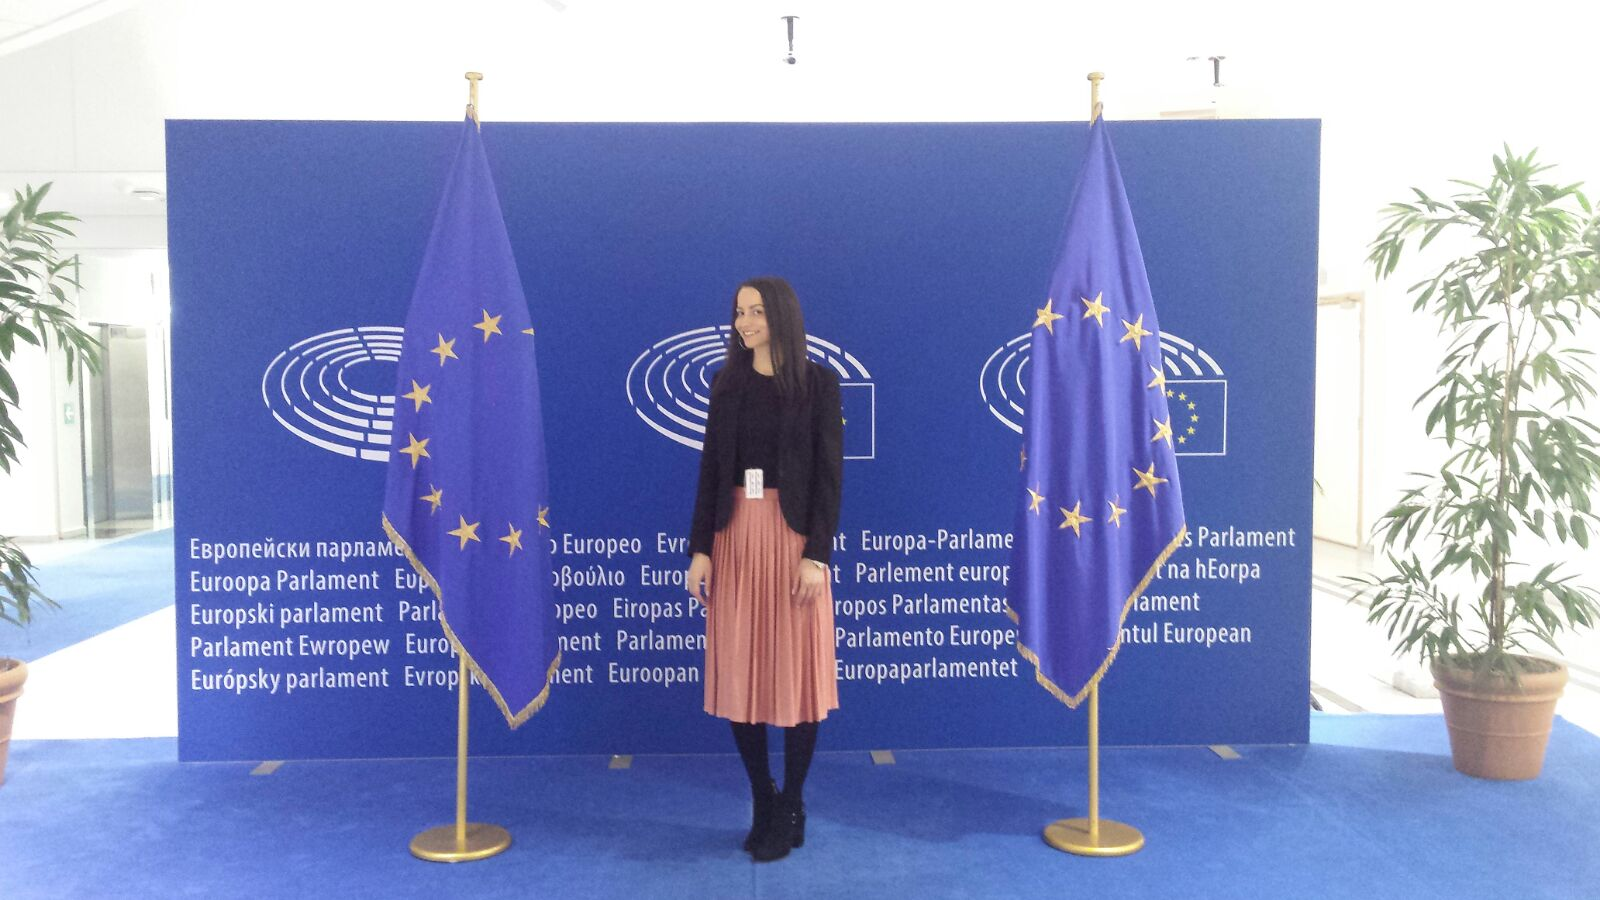 LJUBICA MARIĆ: Stažiranje u Europskom parlamentu je vrlo vrijedno iskustvo